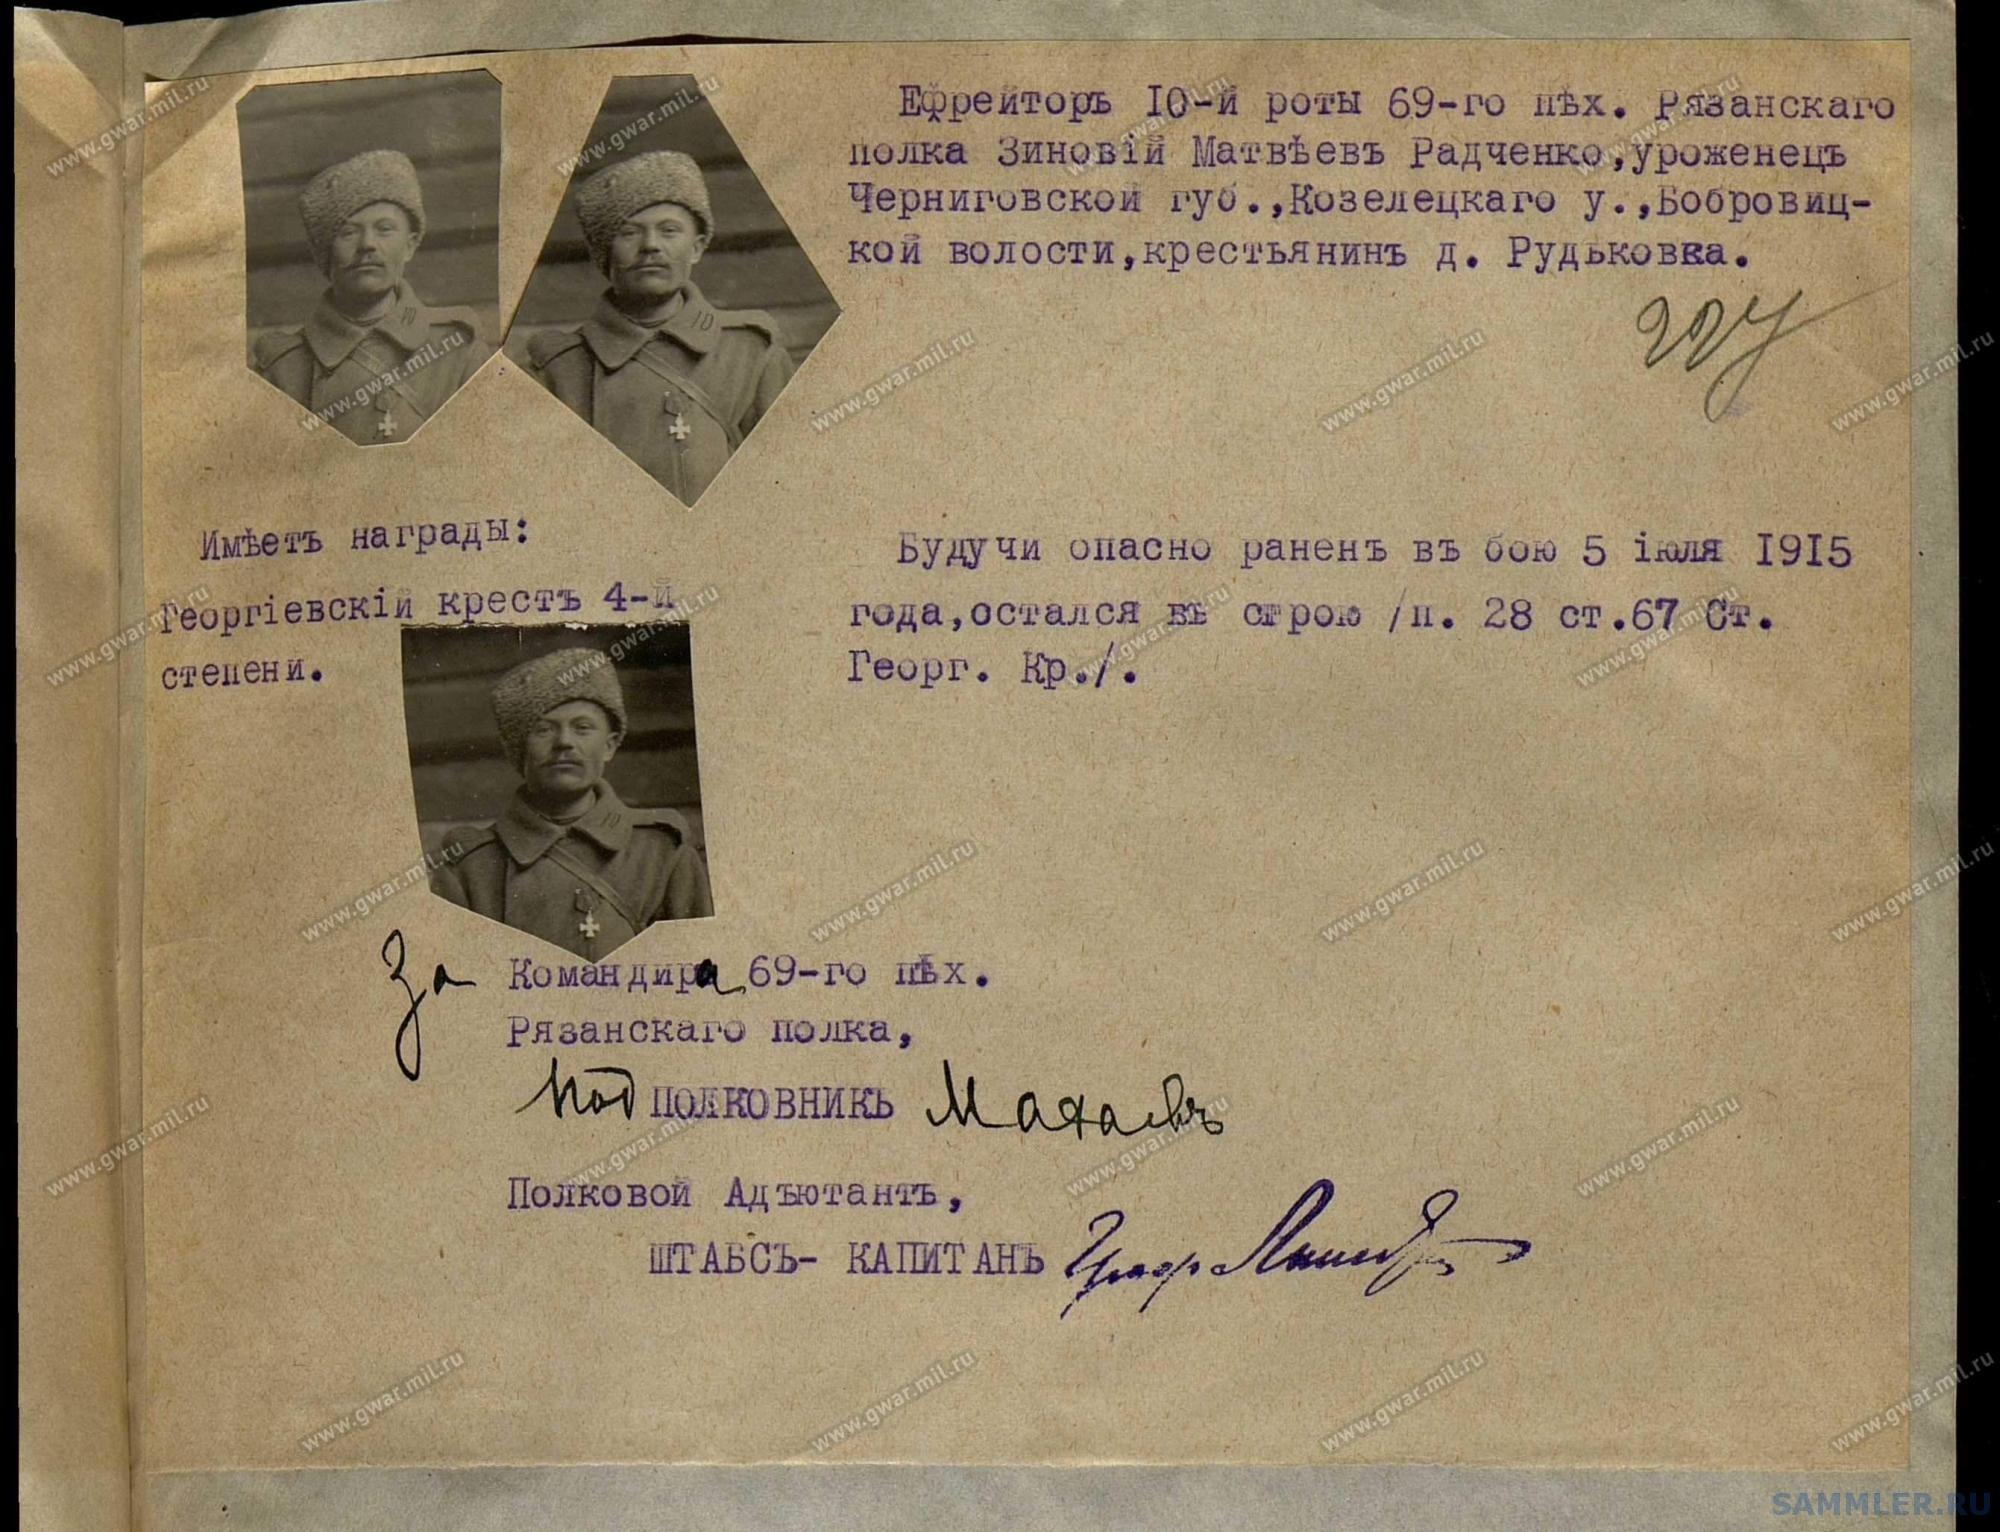 ! 69-й пех. Рязанский полк - 286_001.jpg